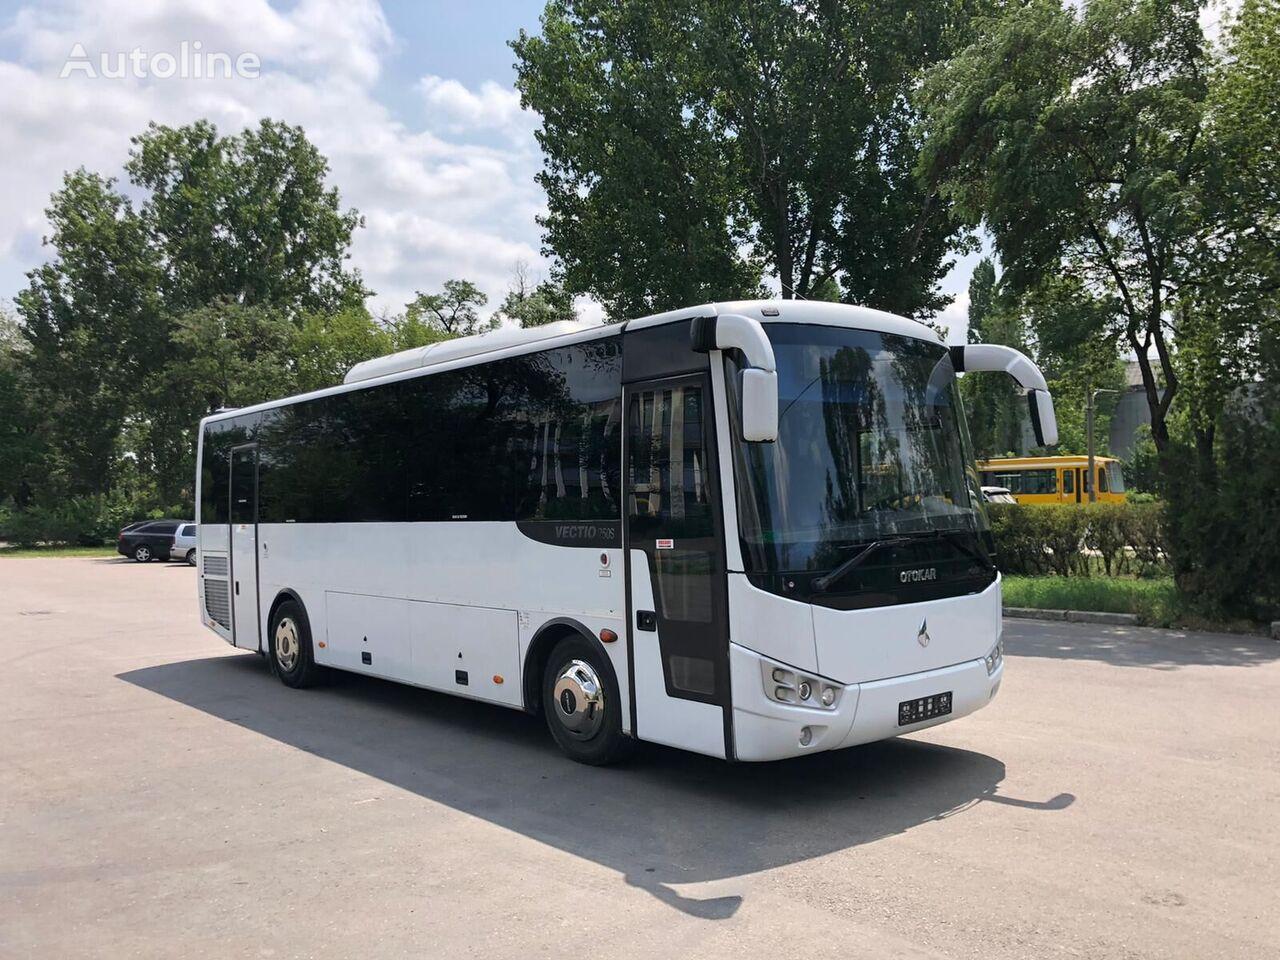 OTOKAR Vectio sightseeing bus